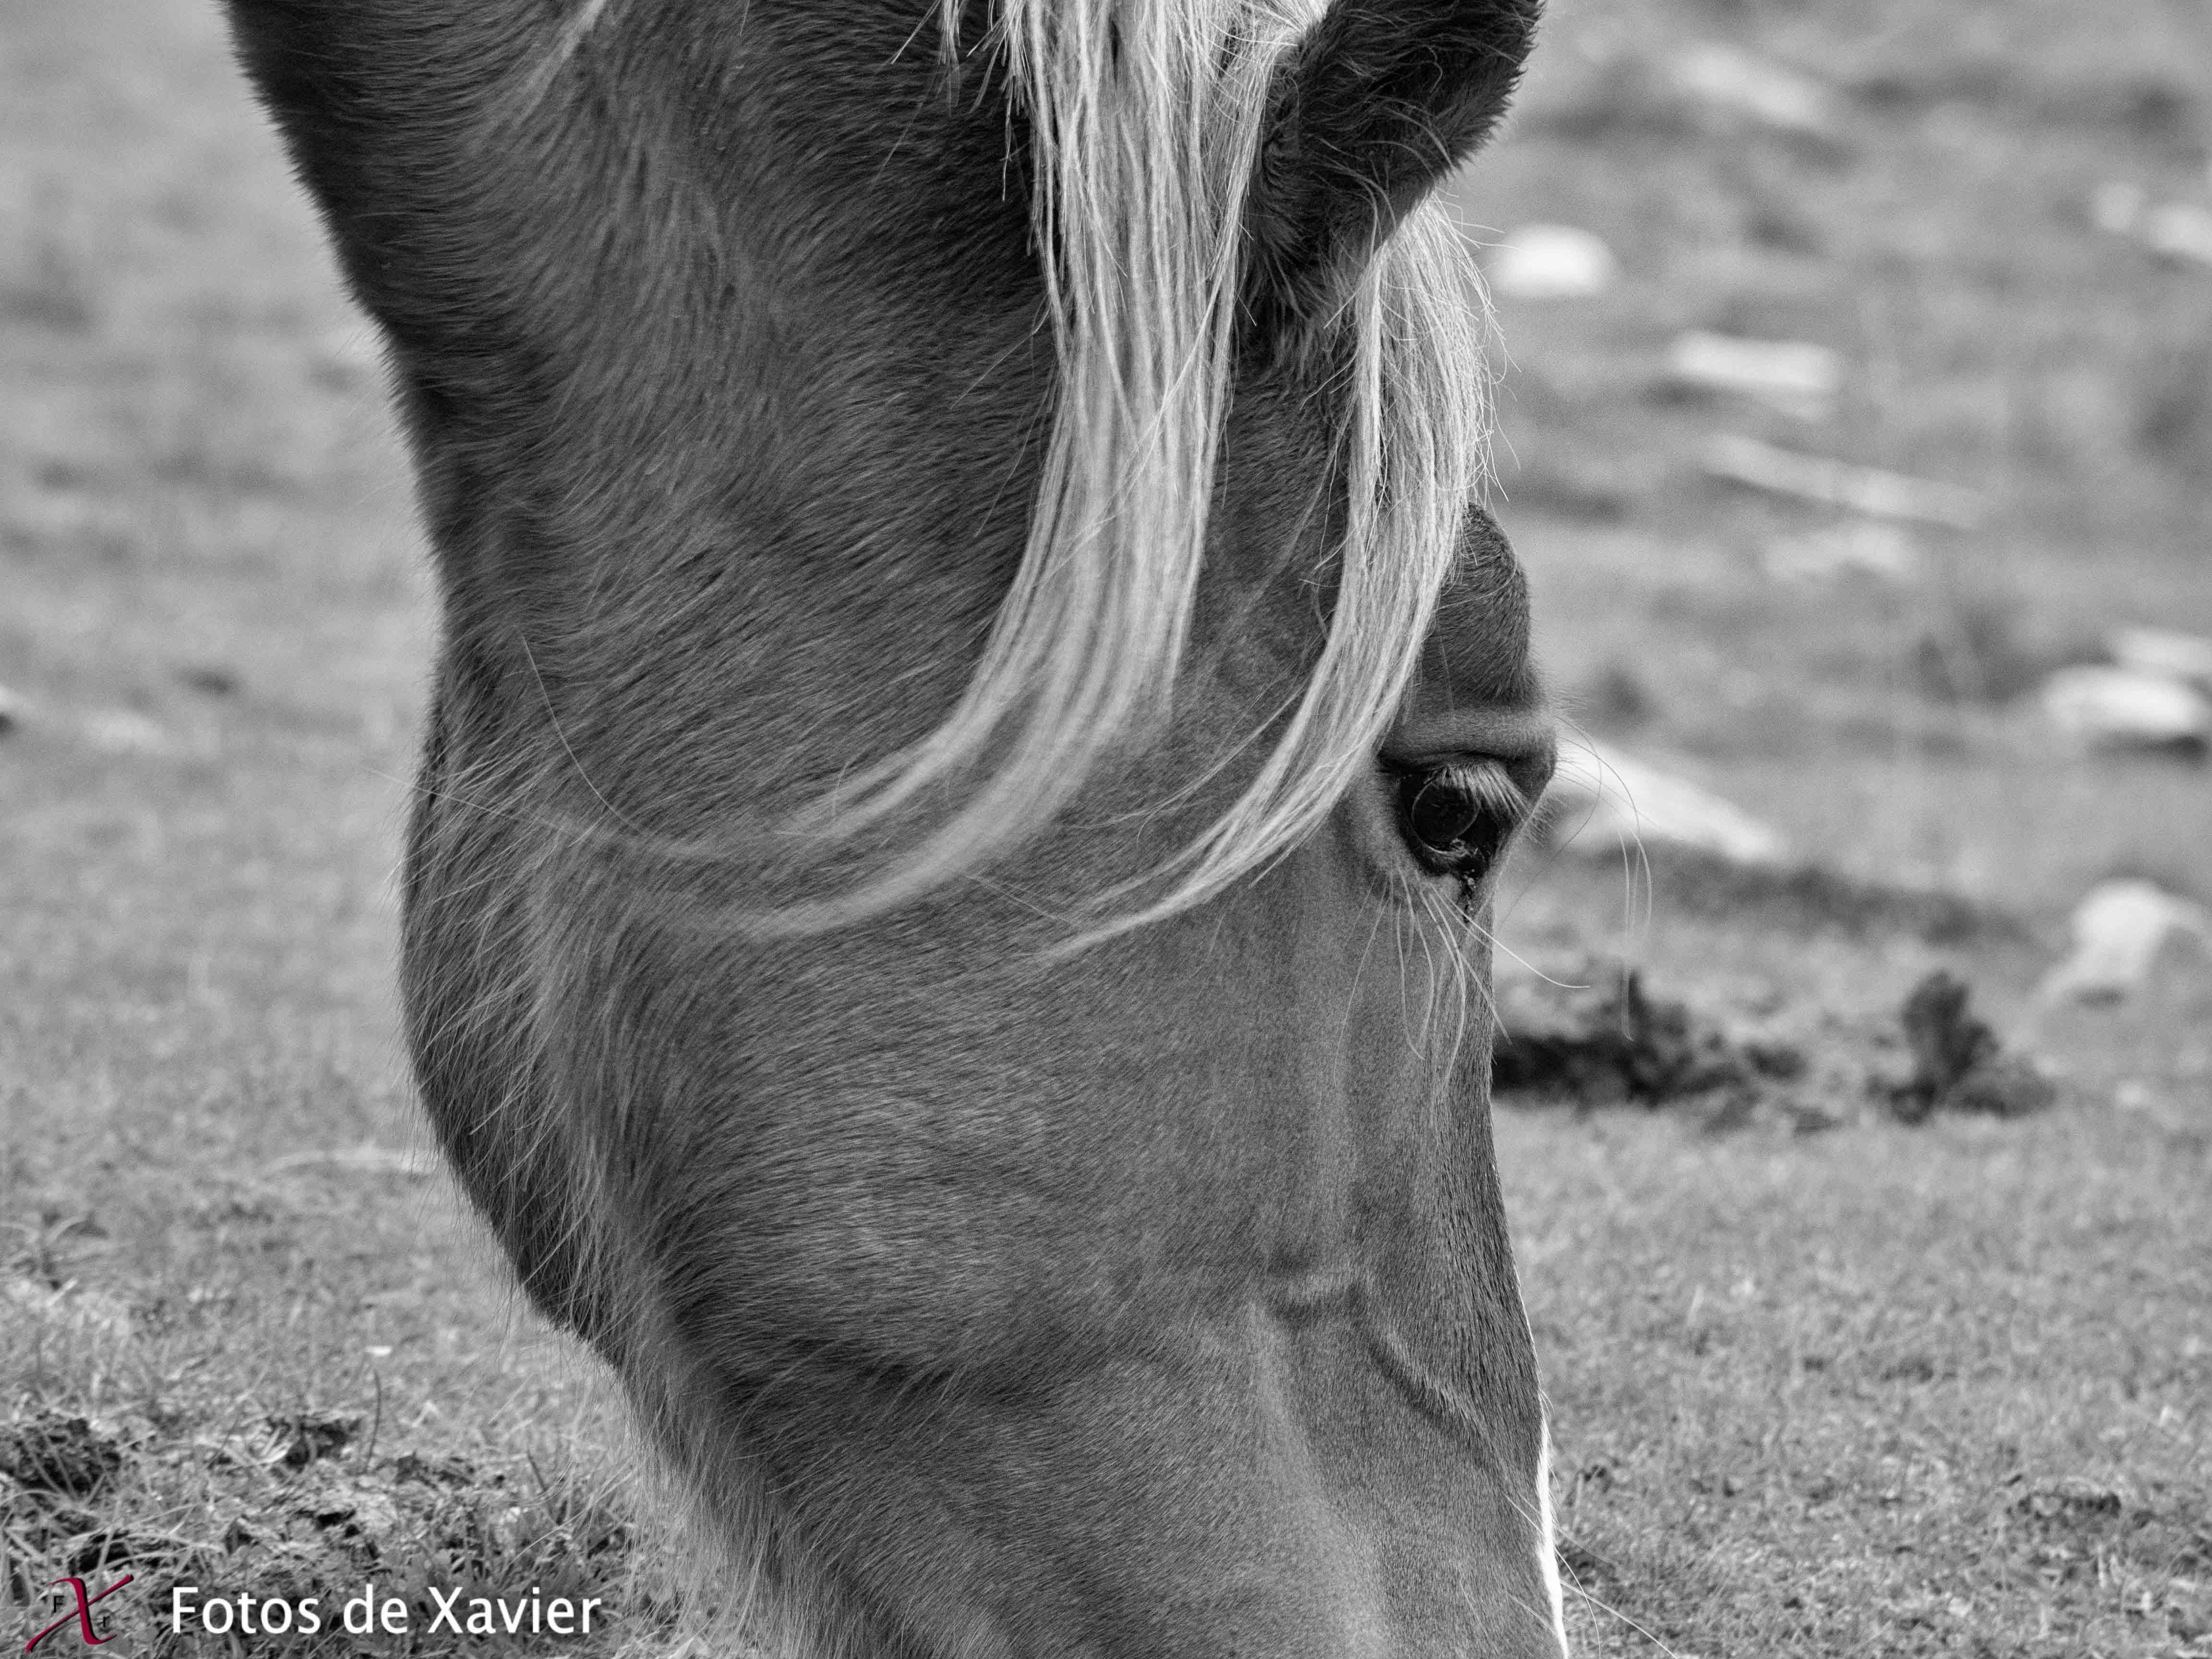 Miradas - Blanco y negro - Fotos de Xavier. Fotografia de naturaleza y paisaje en blanco y negro. Xavier Linares